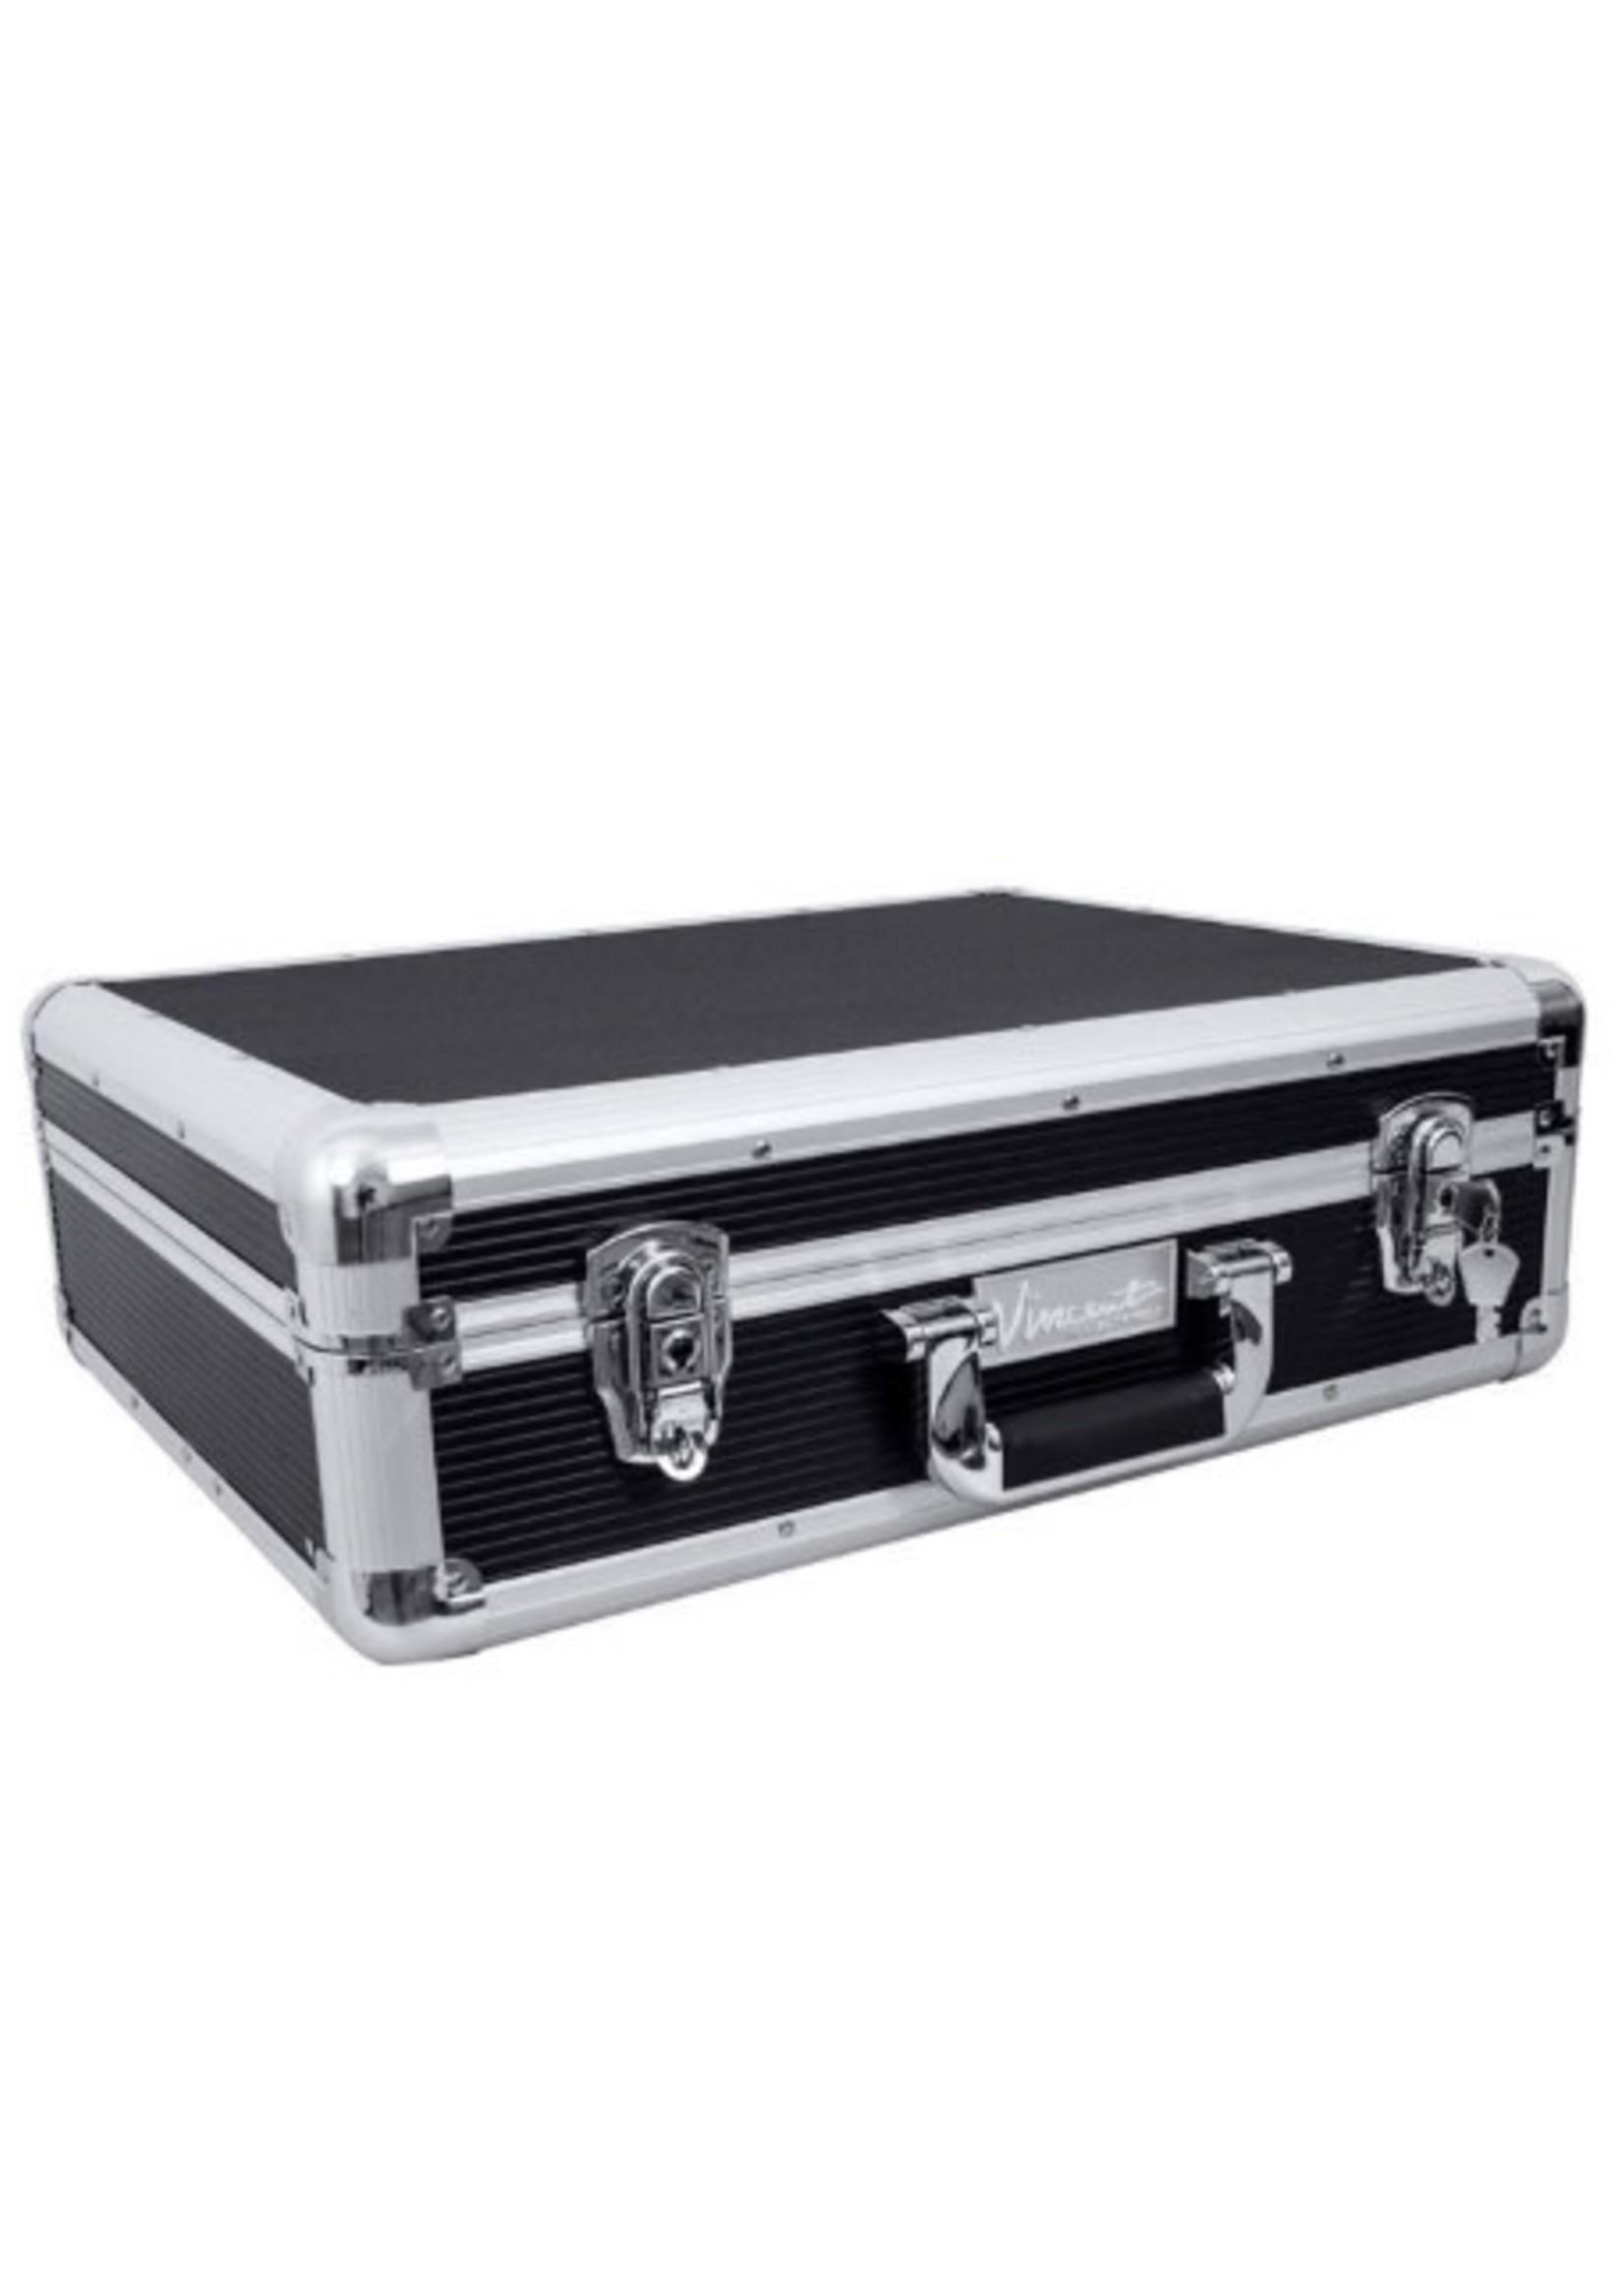 Vincent Vincent Premium Large Mastercase- Black